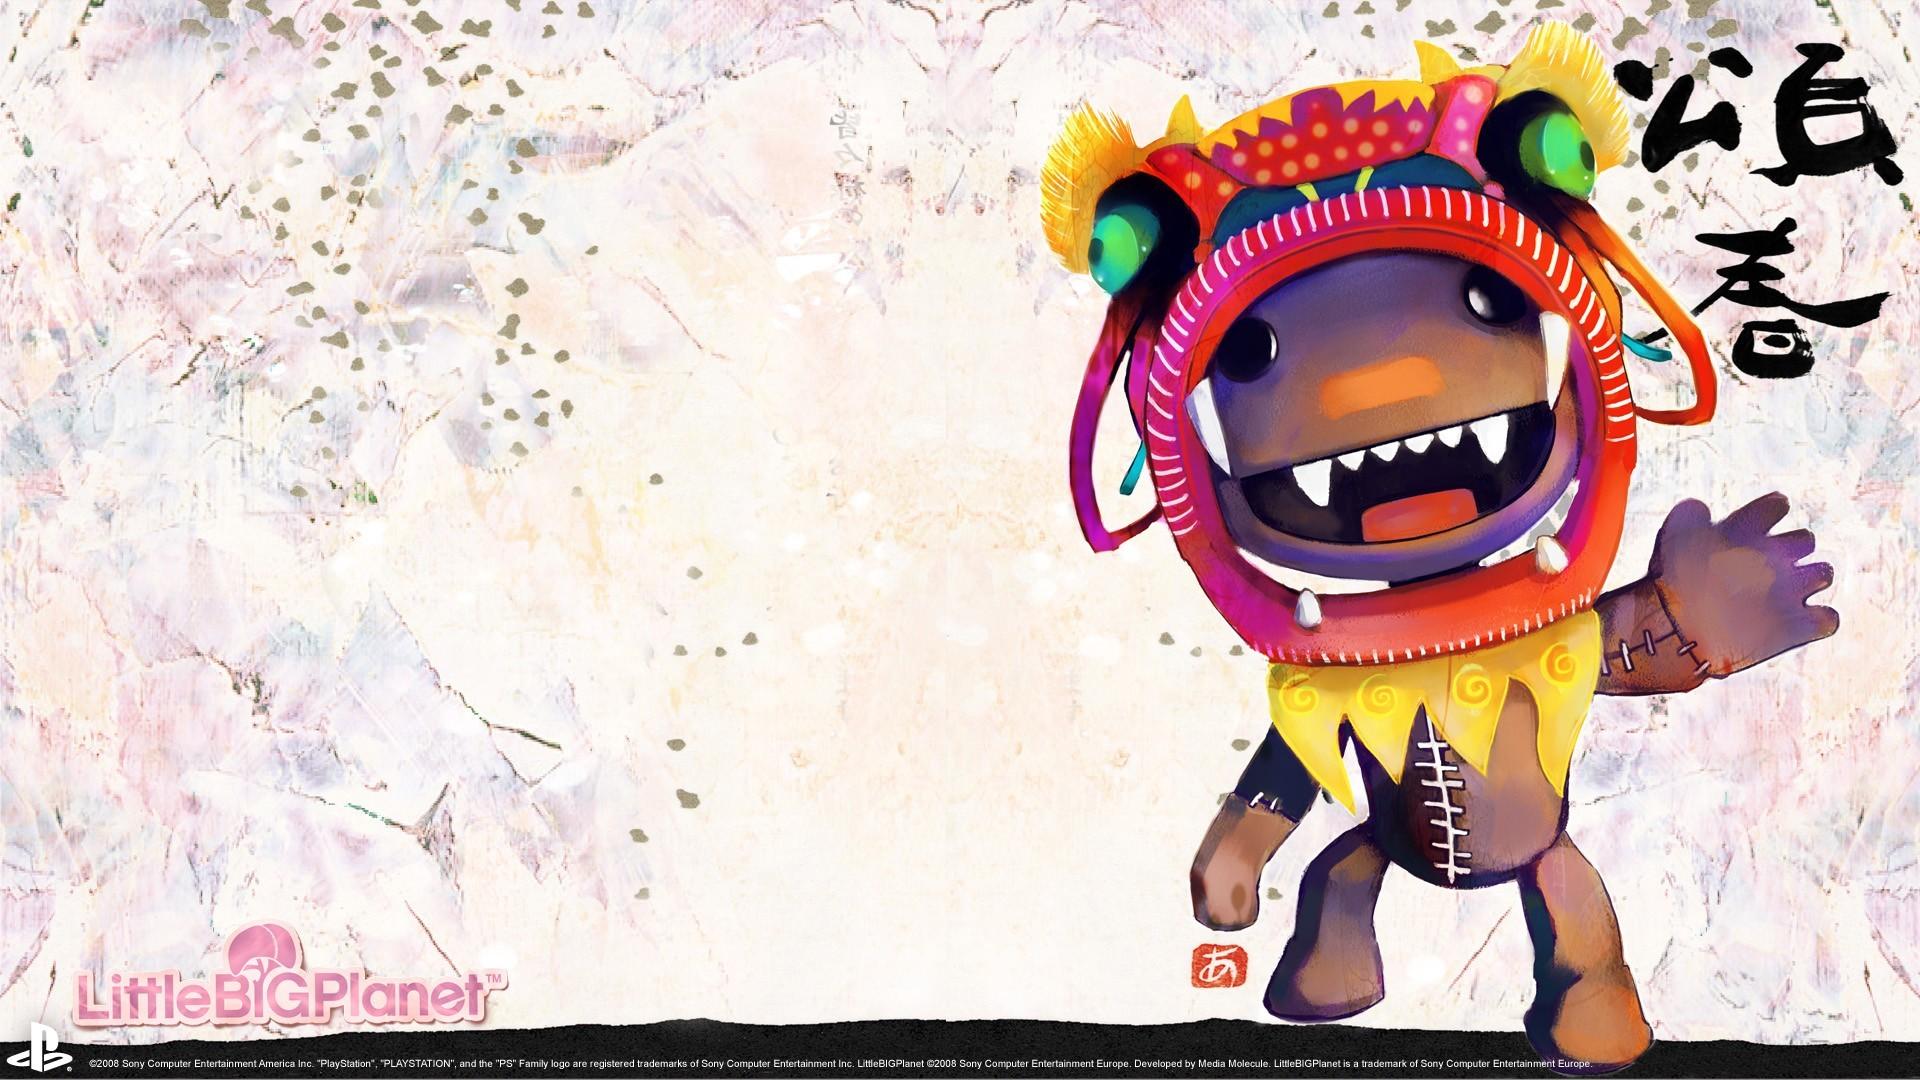 Little Big Planet Sackboy artwork wallpaper | | 210074 |  WallpaperUP